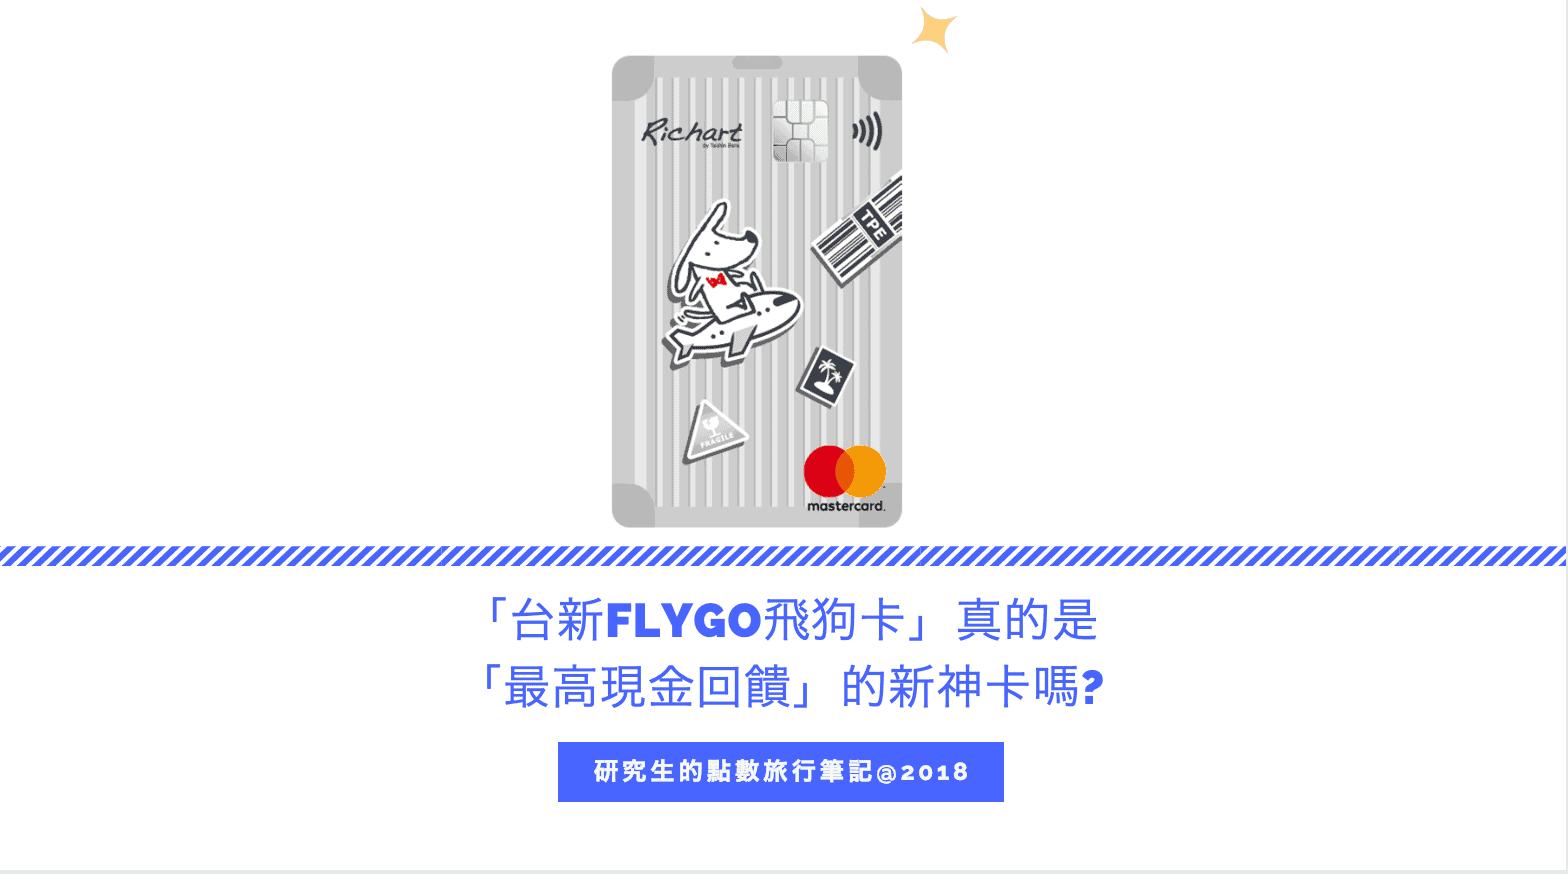 「台新FlyGo飛狗卡」真的是「海外現金回饋」的新神卡嗎?